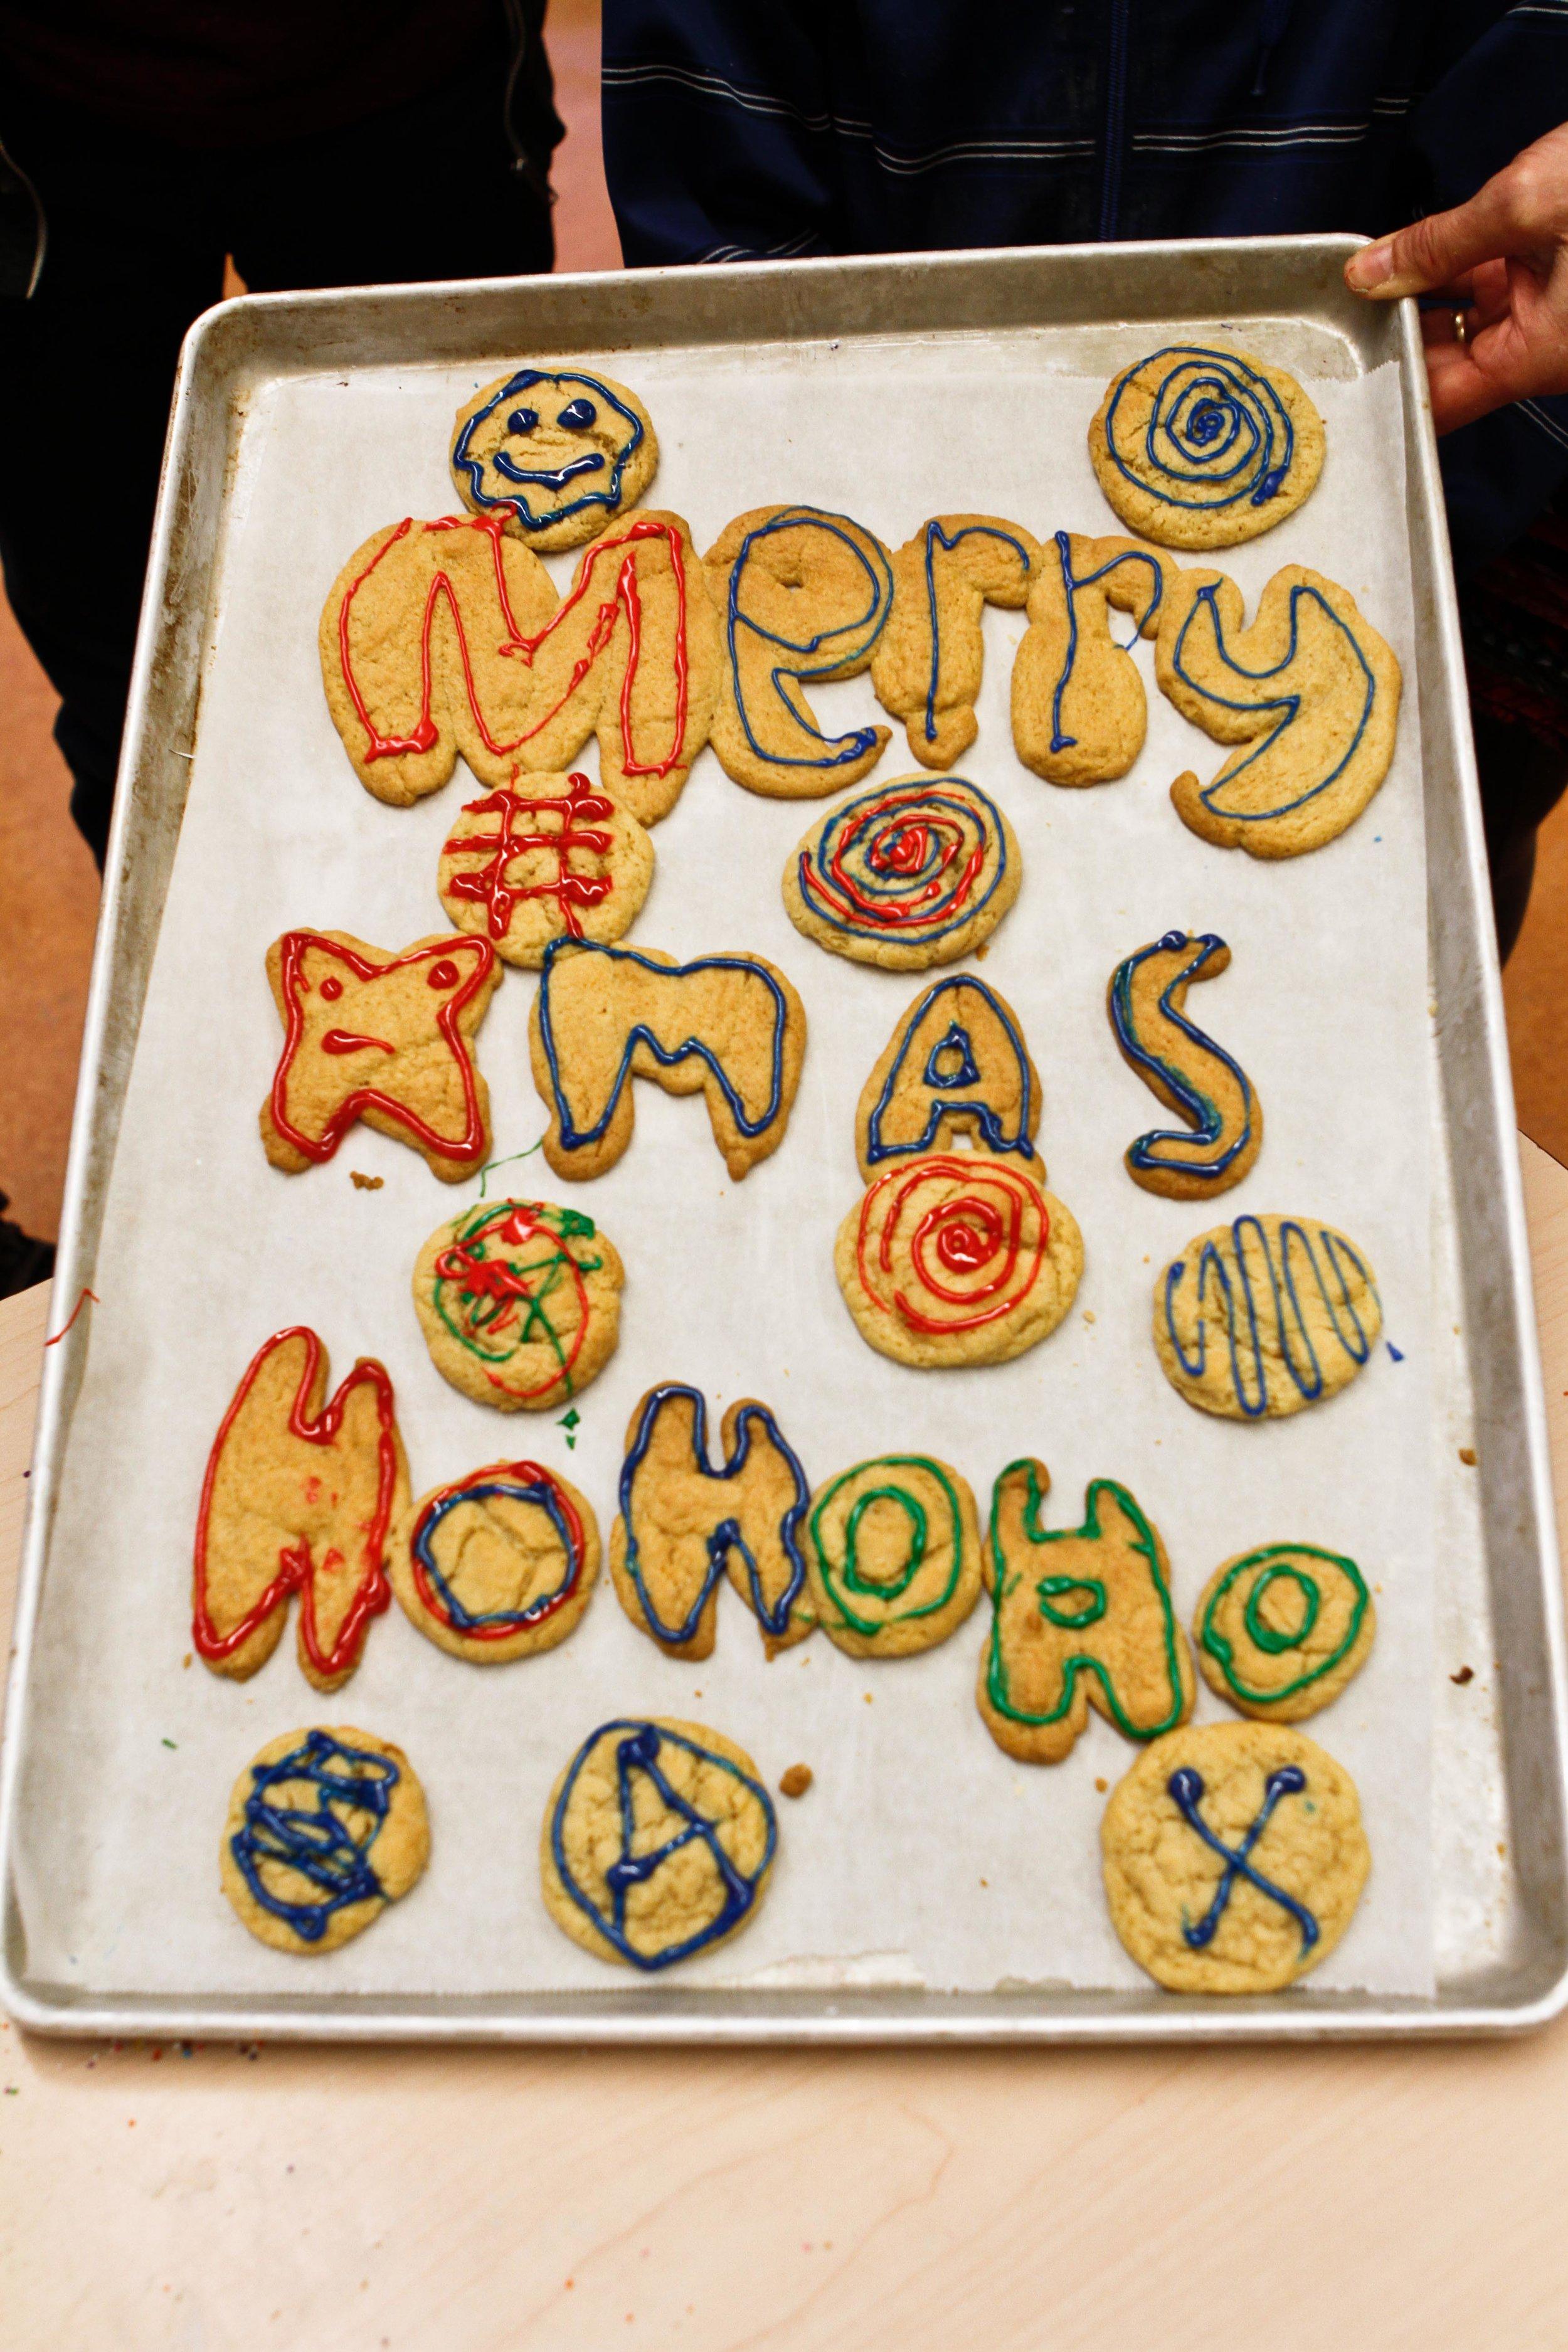 merryxmascookies-8075.jpg